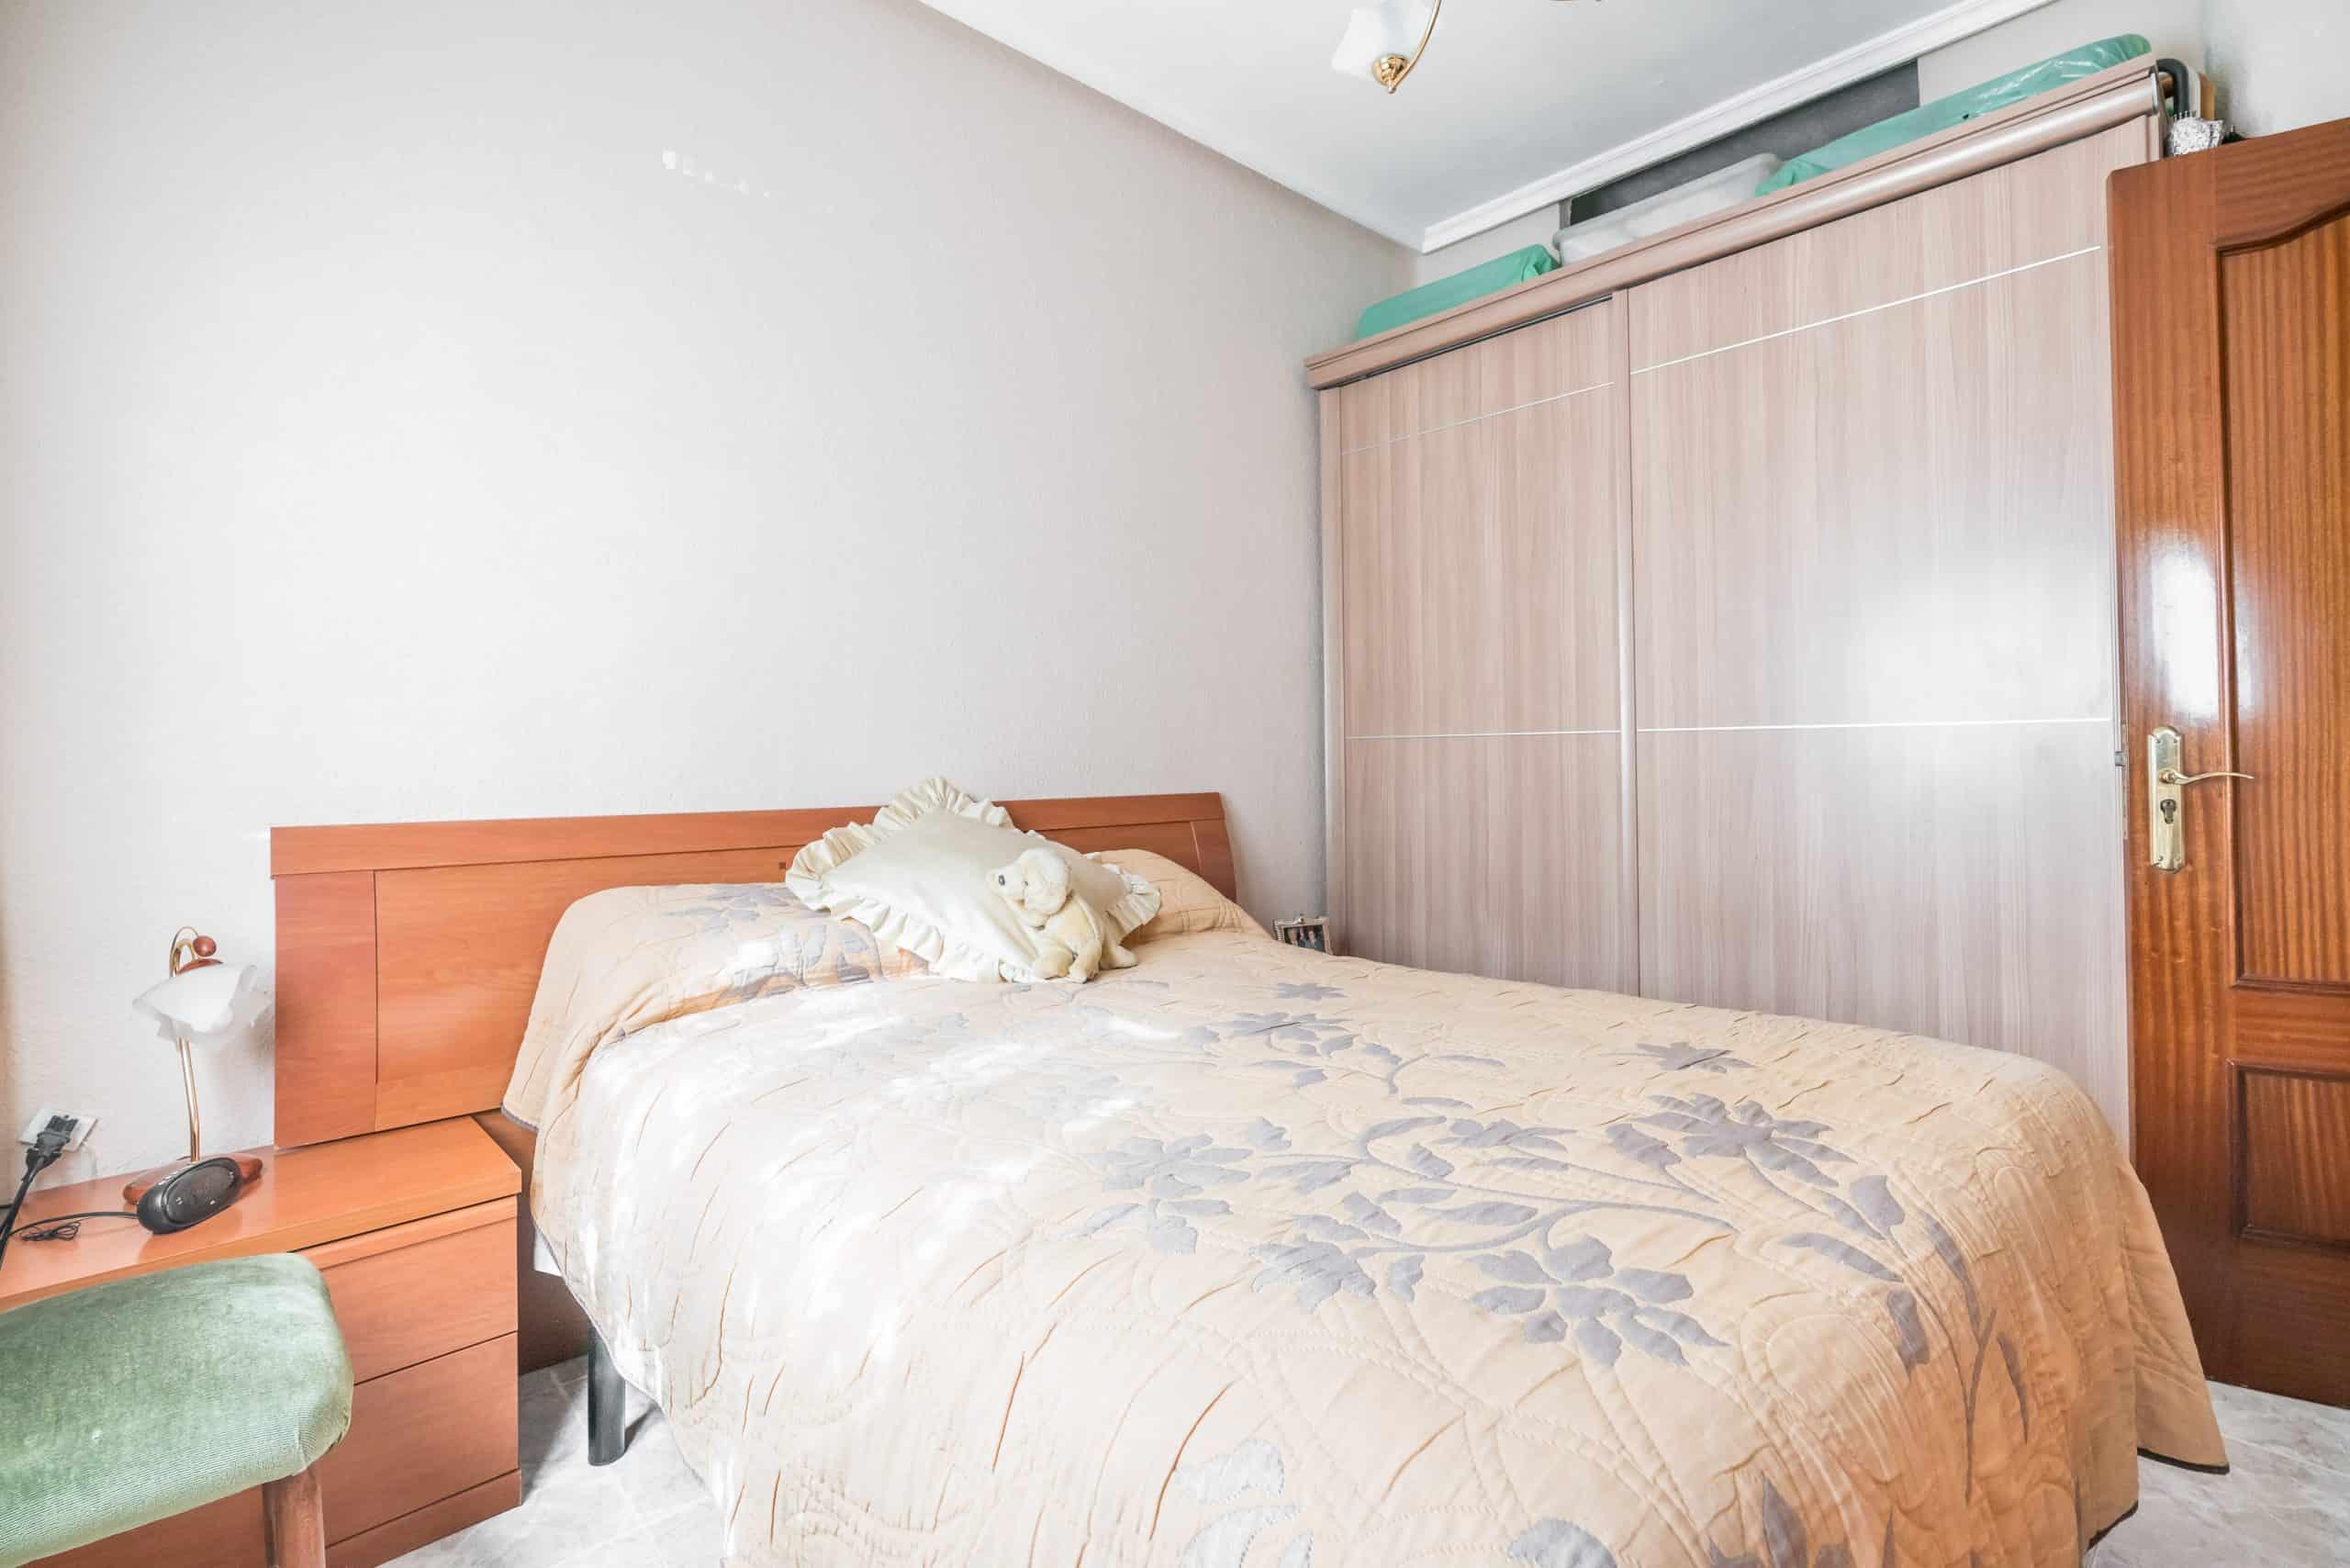 Agencia Inmobiliaria de Madrid-FUTUROCASA-Zona ARGANZUELA-EMBAJADORES-LEGAZPI2 DORMITORIO1 (6)